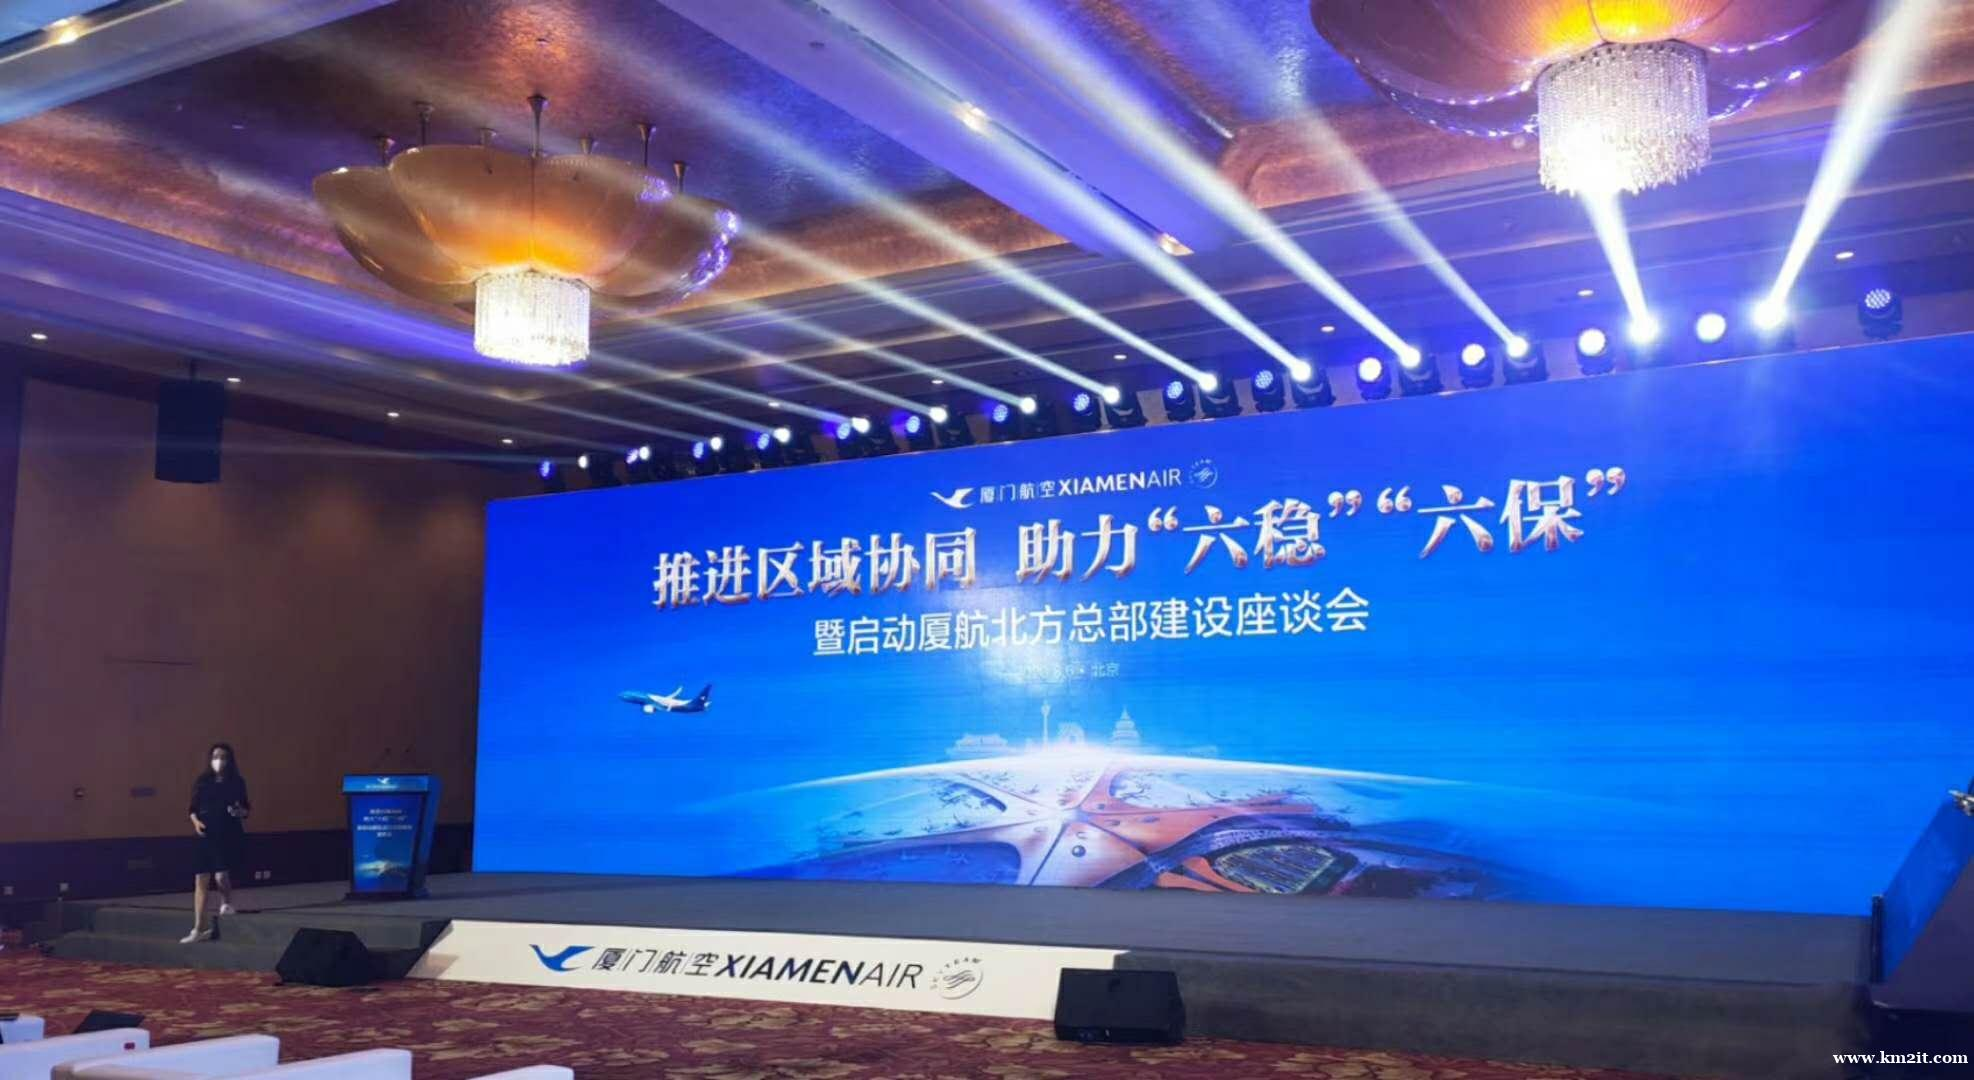 北京出租高清会议LED屏、灯光音响租赁